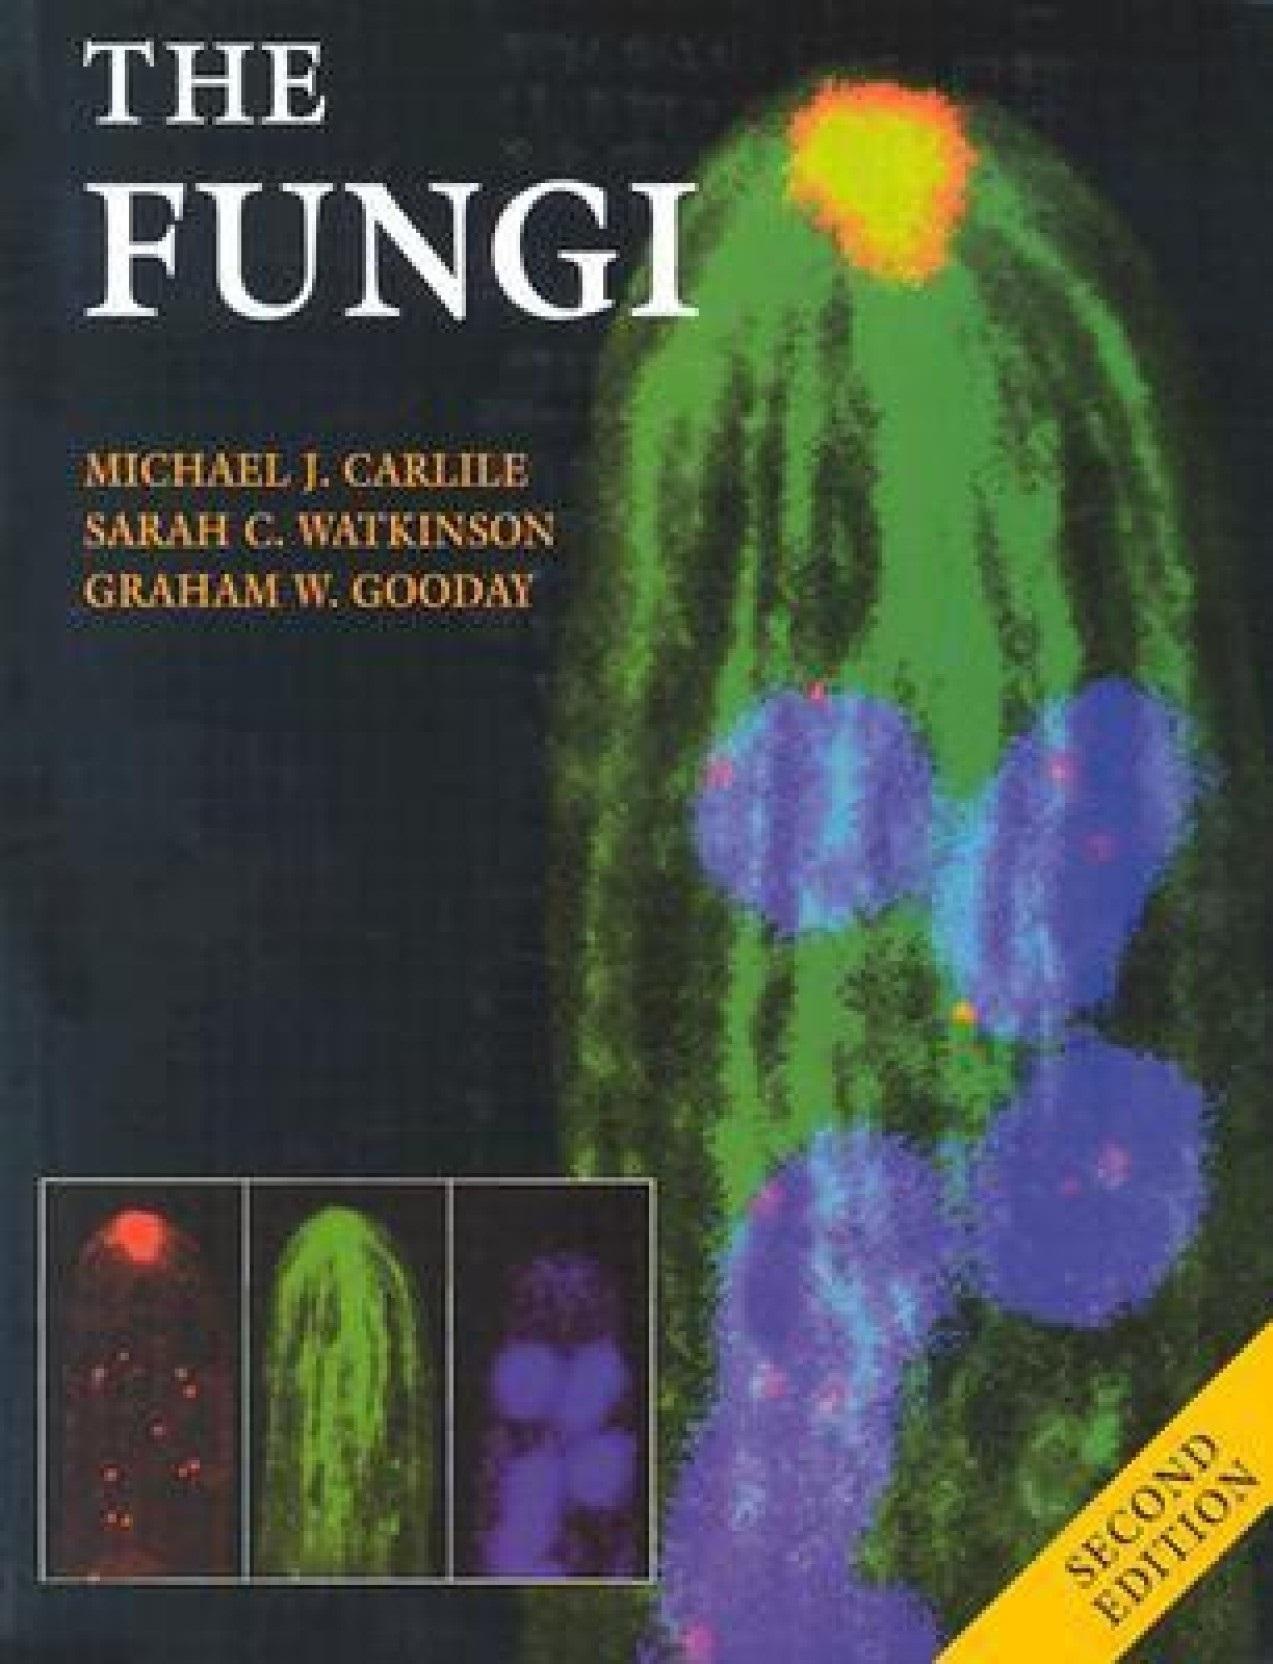 Watkinson. The fungi. 2nd ed. 2001